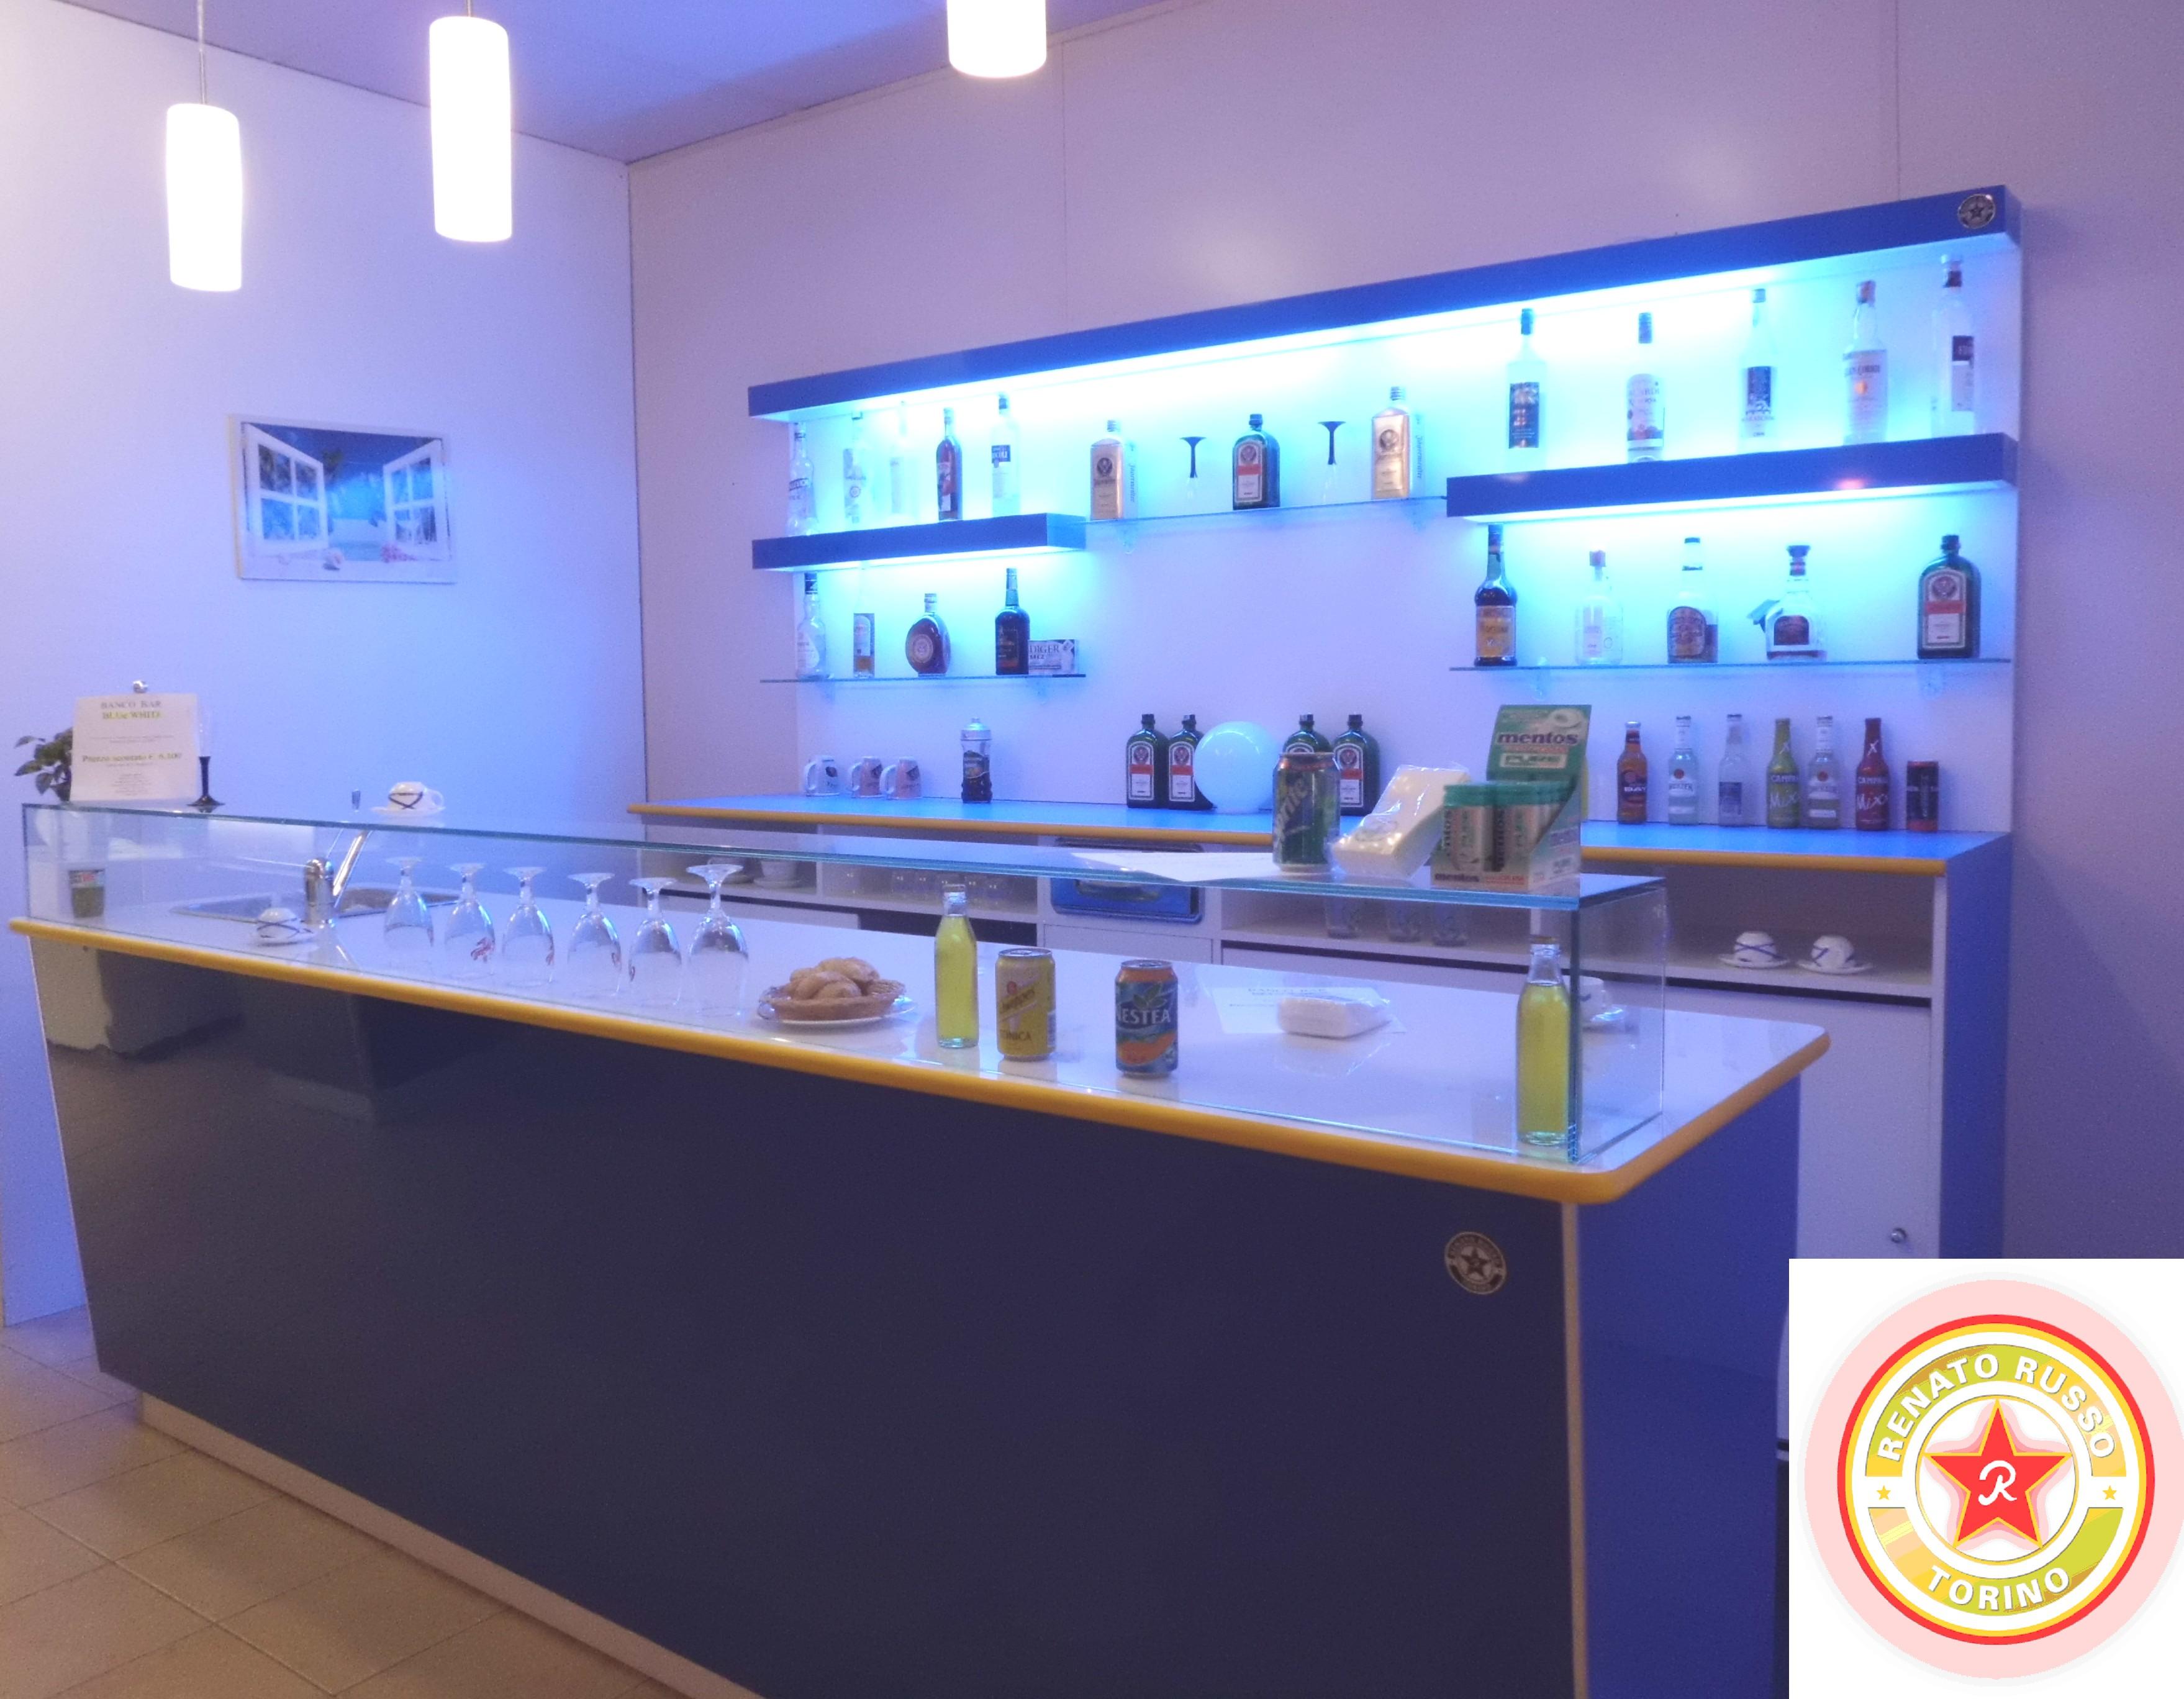 Arredamento Bar Bologna.Banchi Bar Bologna Compra In Fabbrica Vetrine Refrigerate